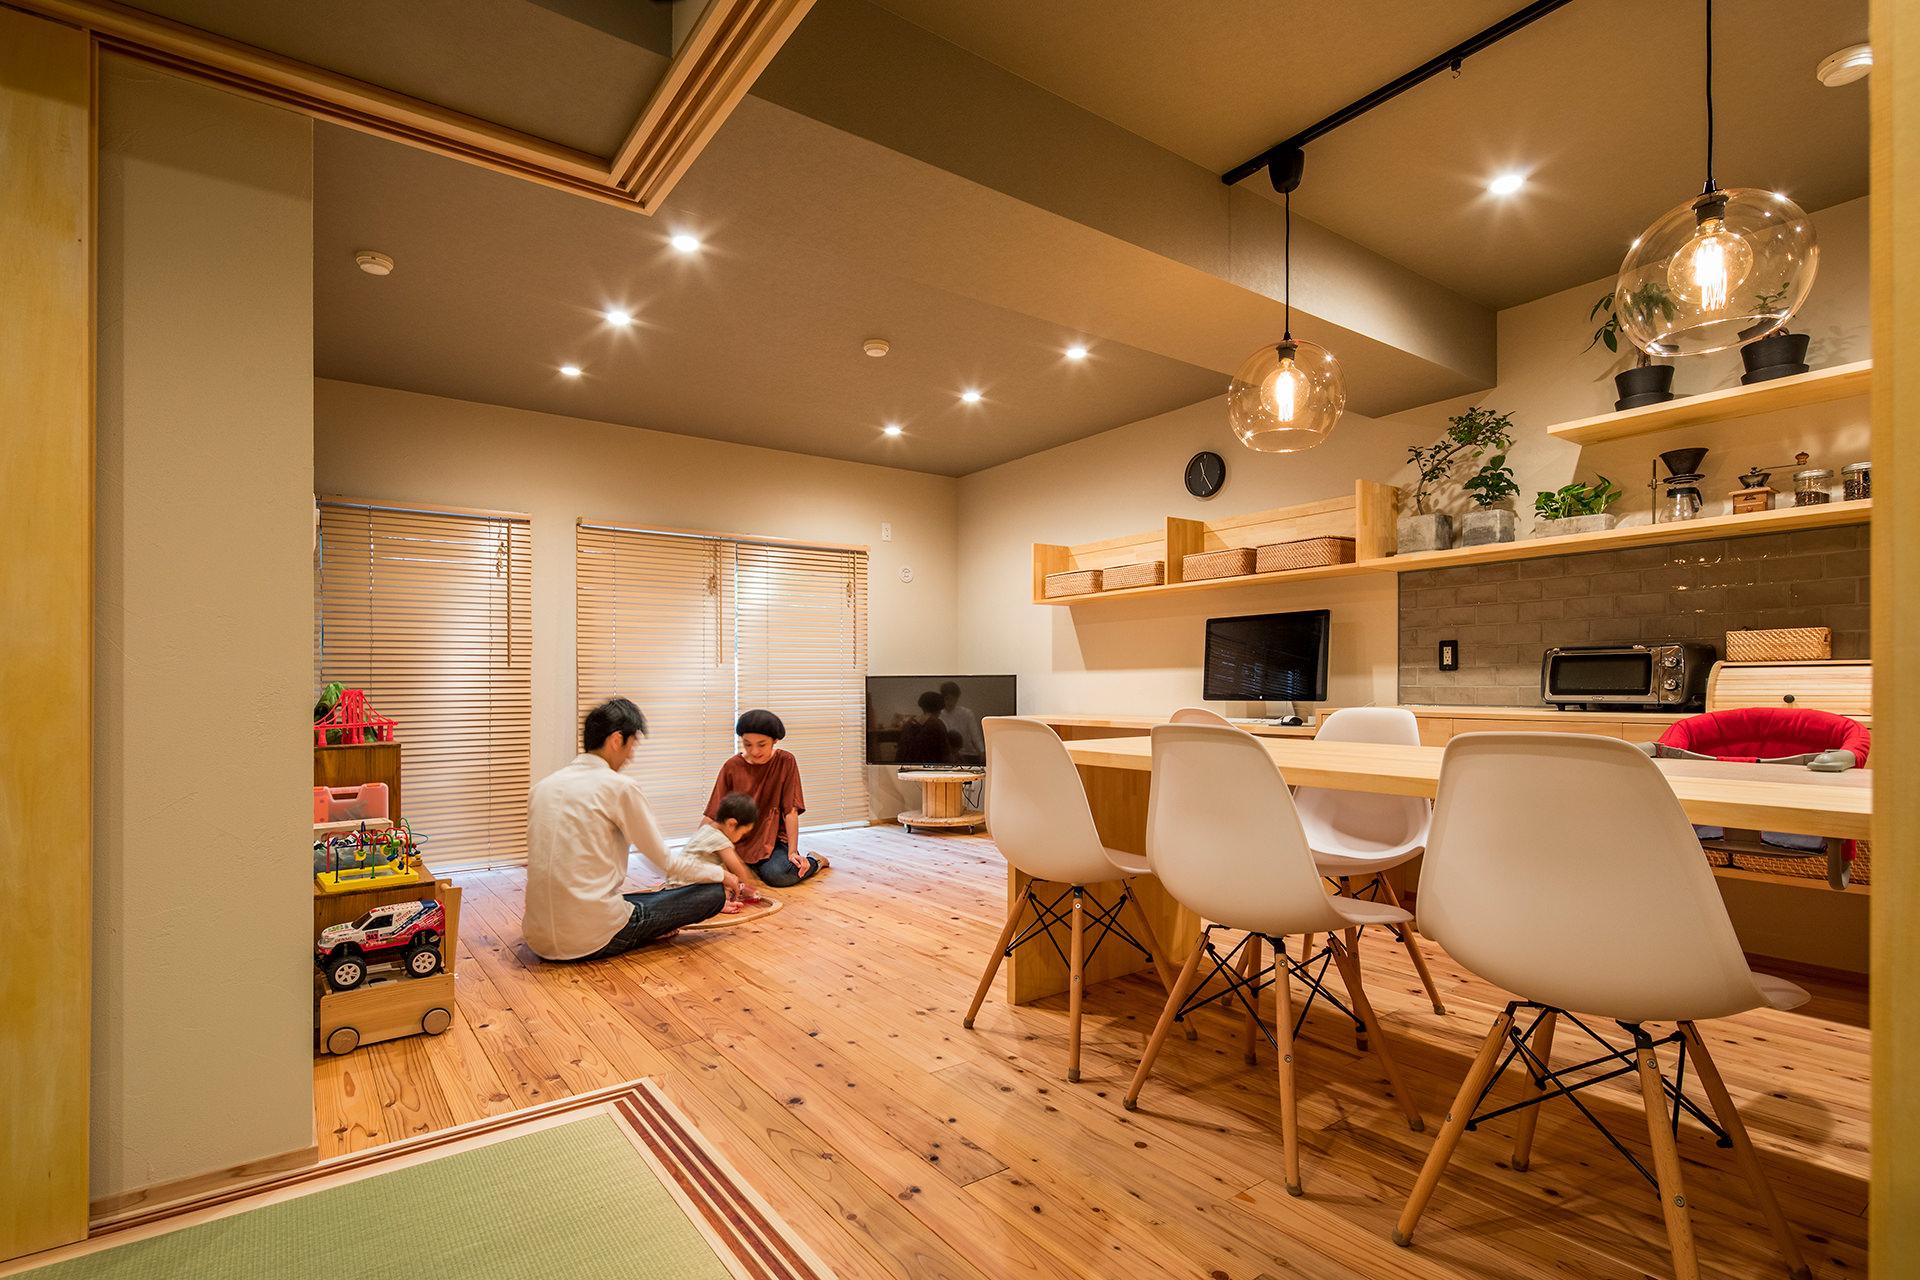 「アイランドキッチンと広々LDKの暮らしを愉しむ家」イメージ06 撮影:東涌宏和